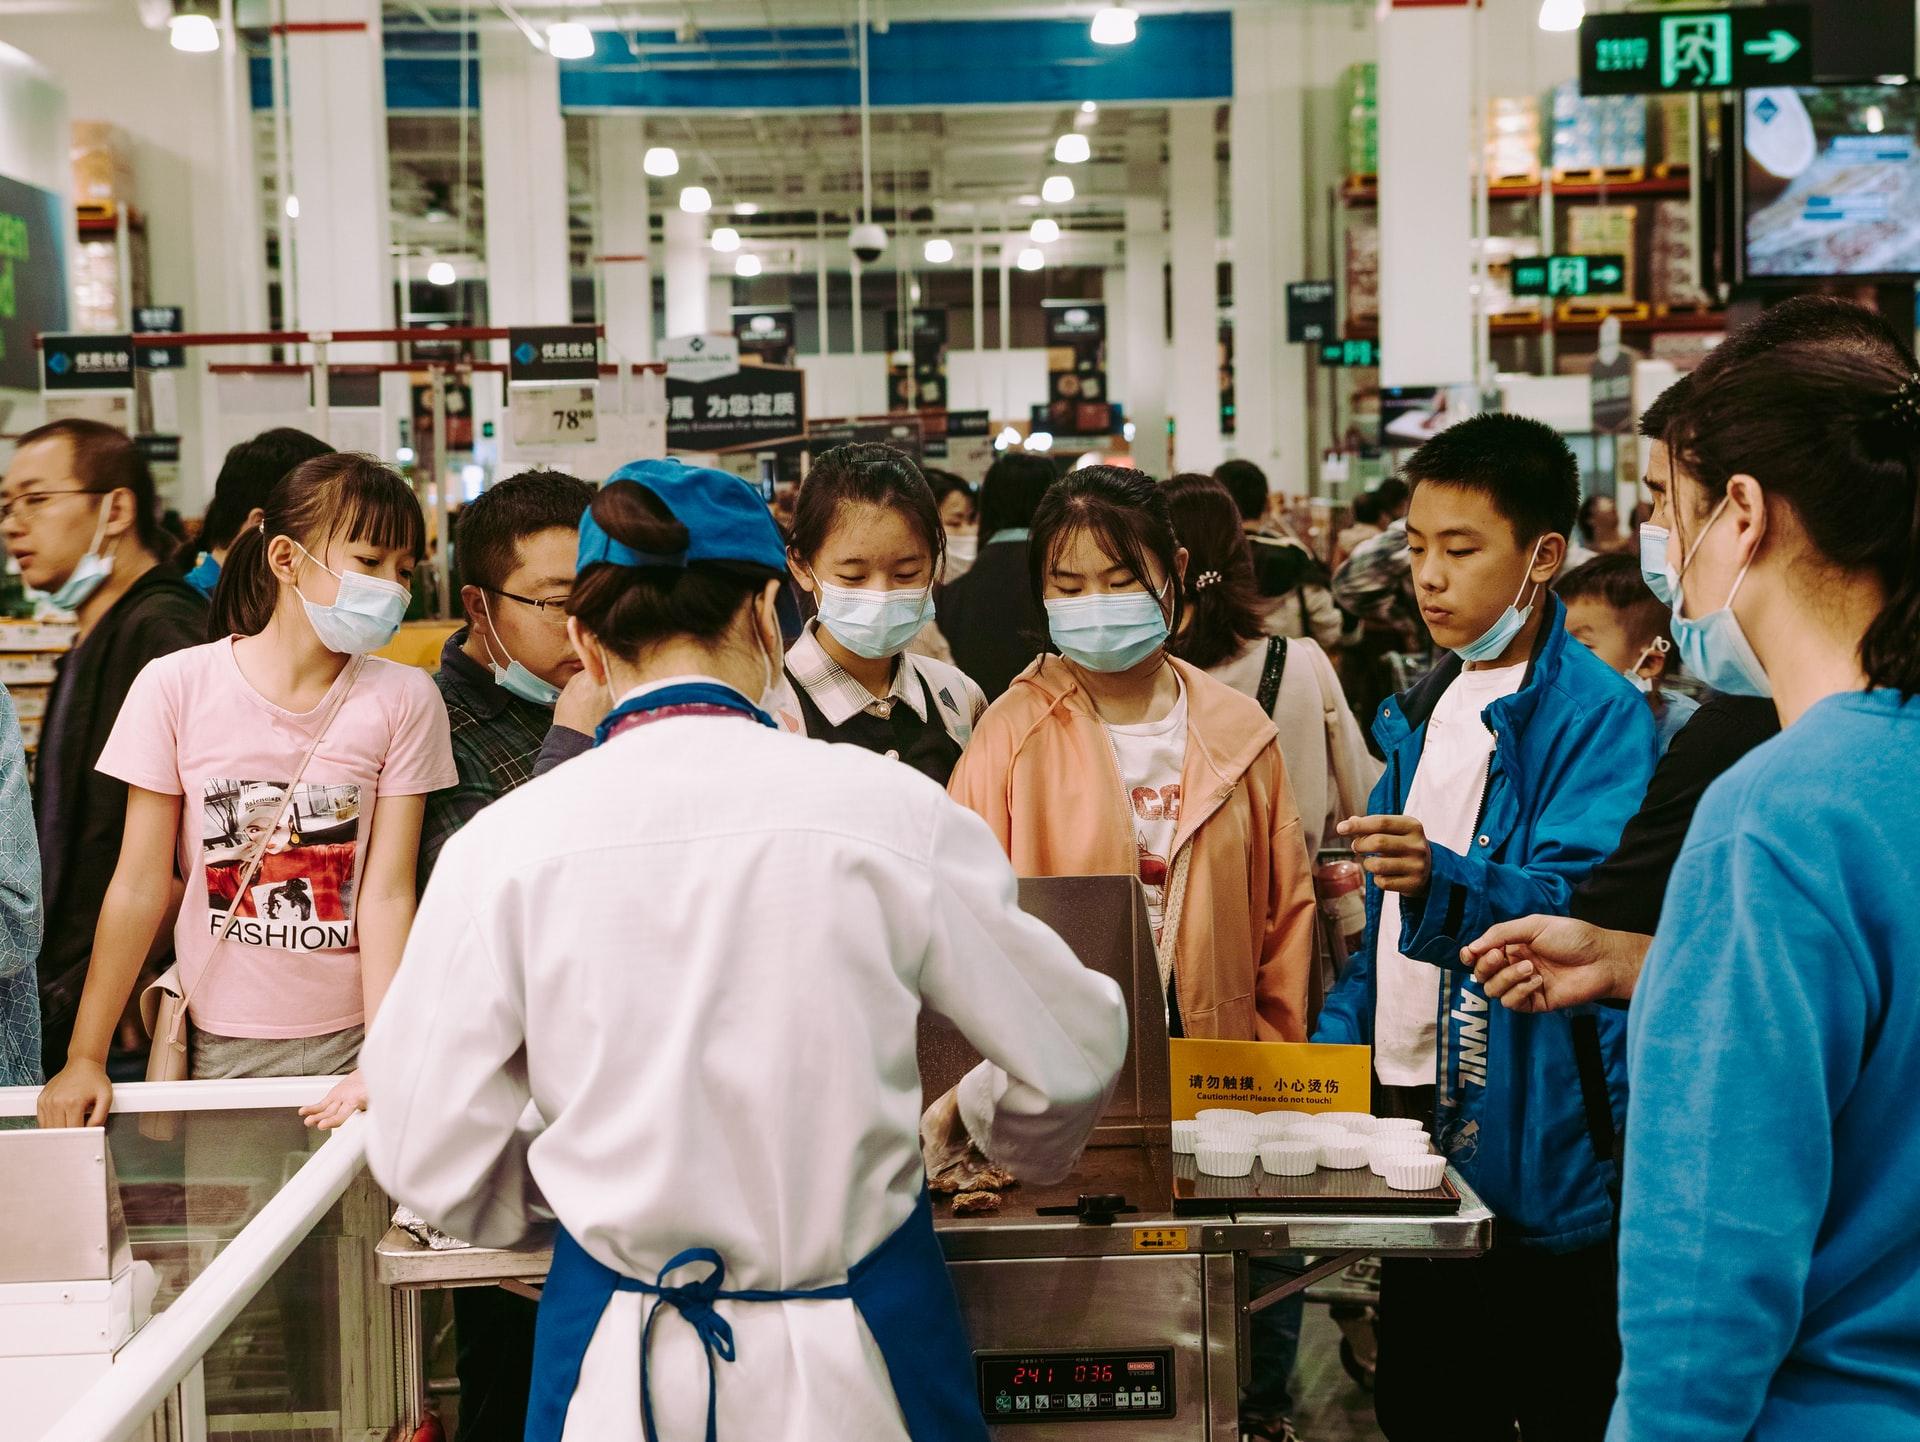 Як Китай використовує великі дані щодо COVID-19 для контролю після пандемії